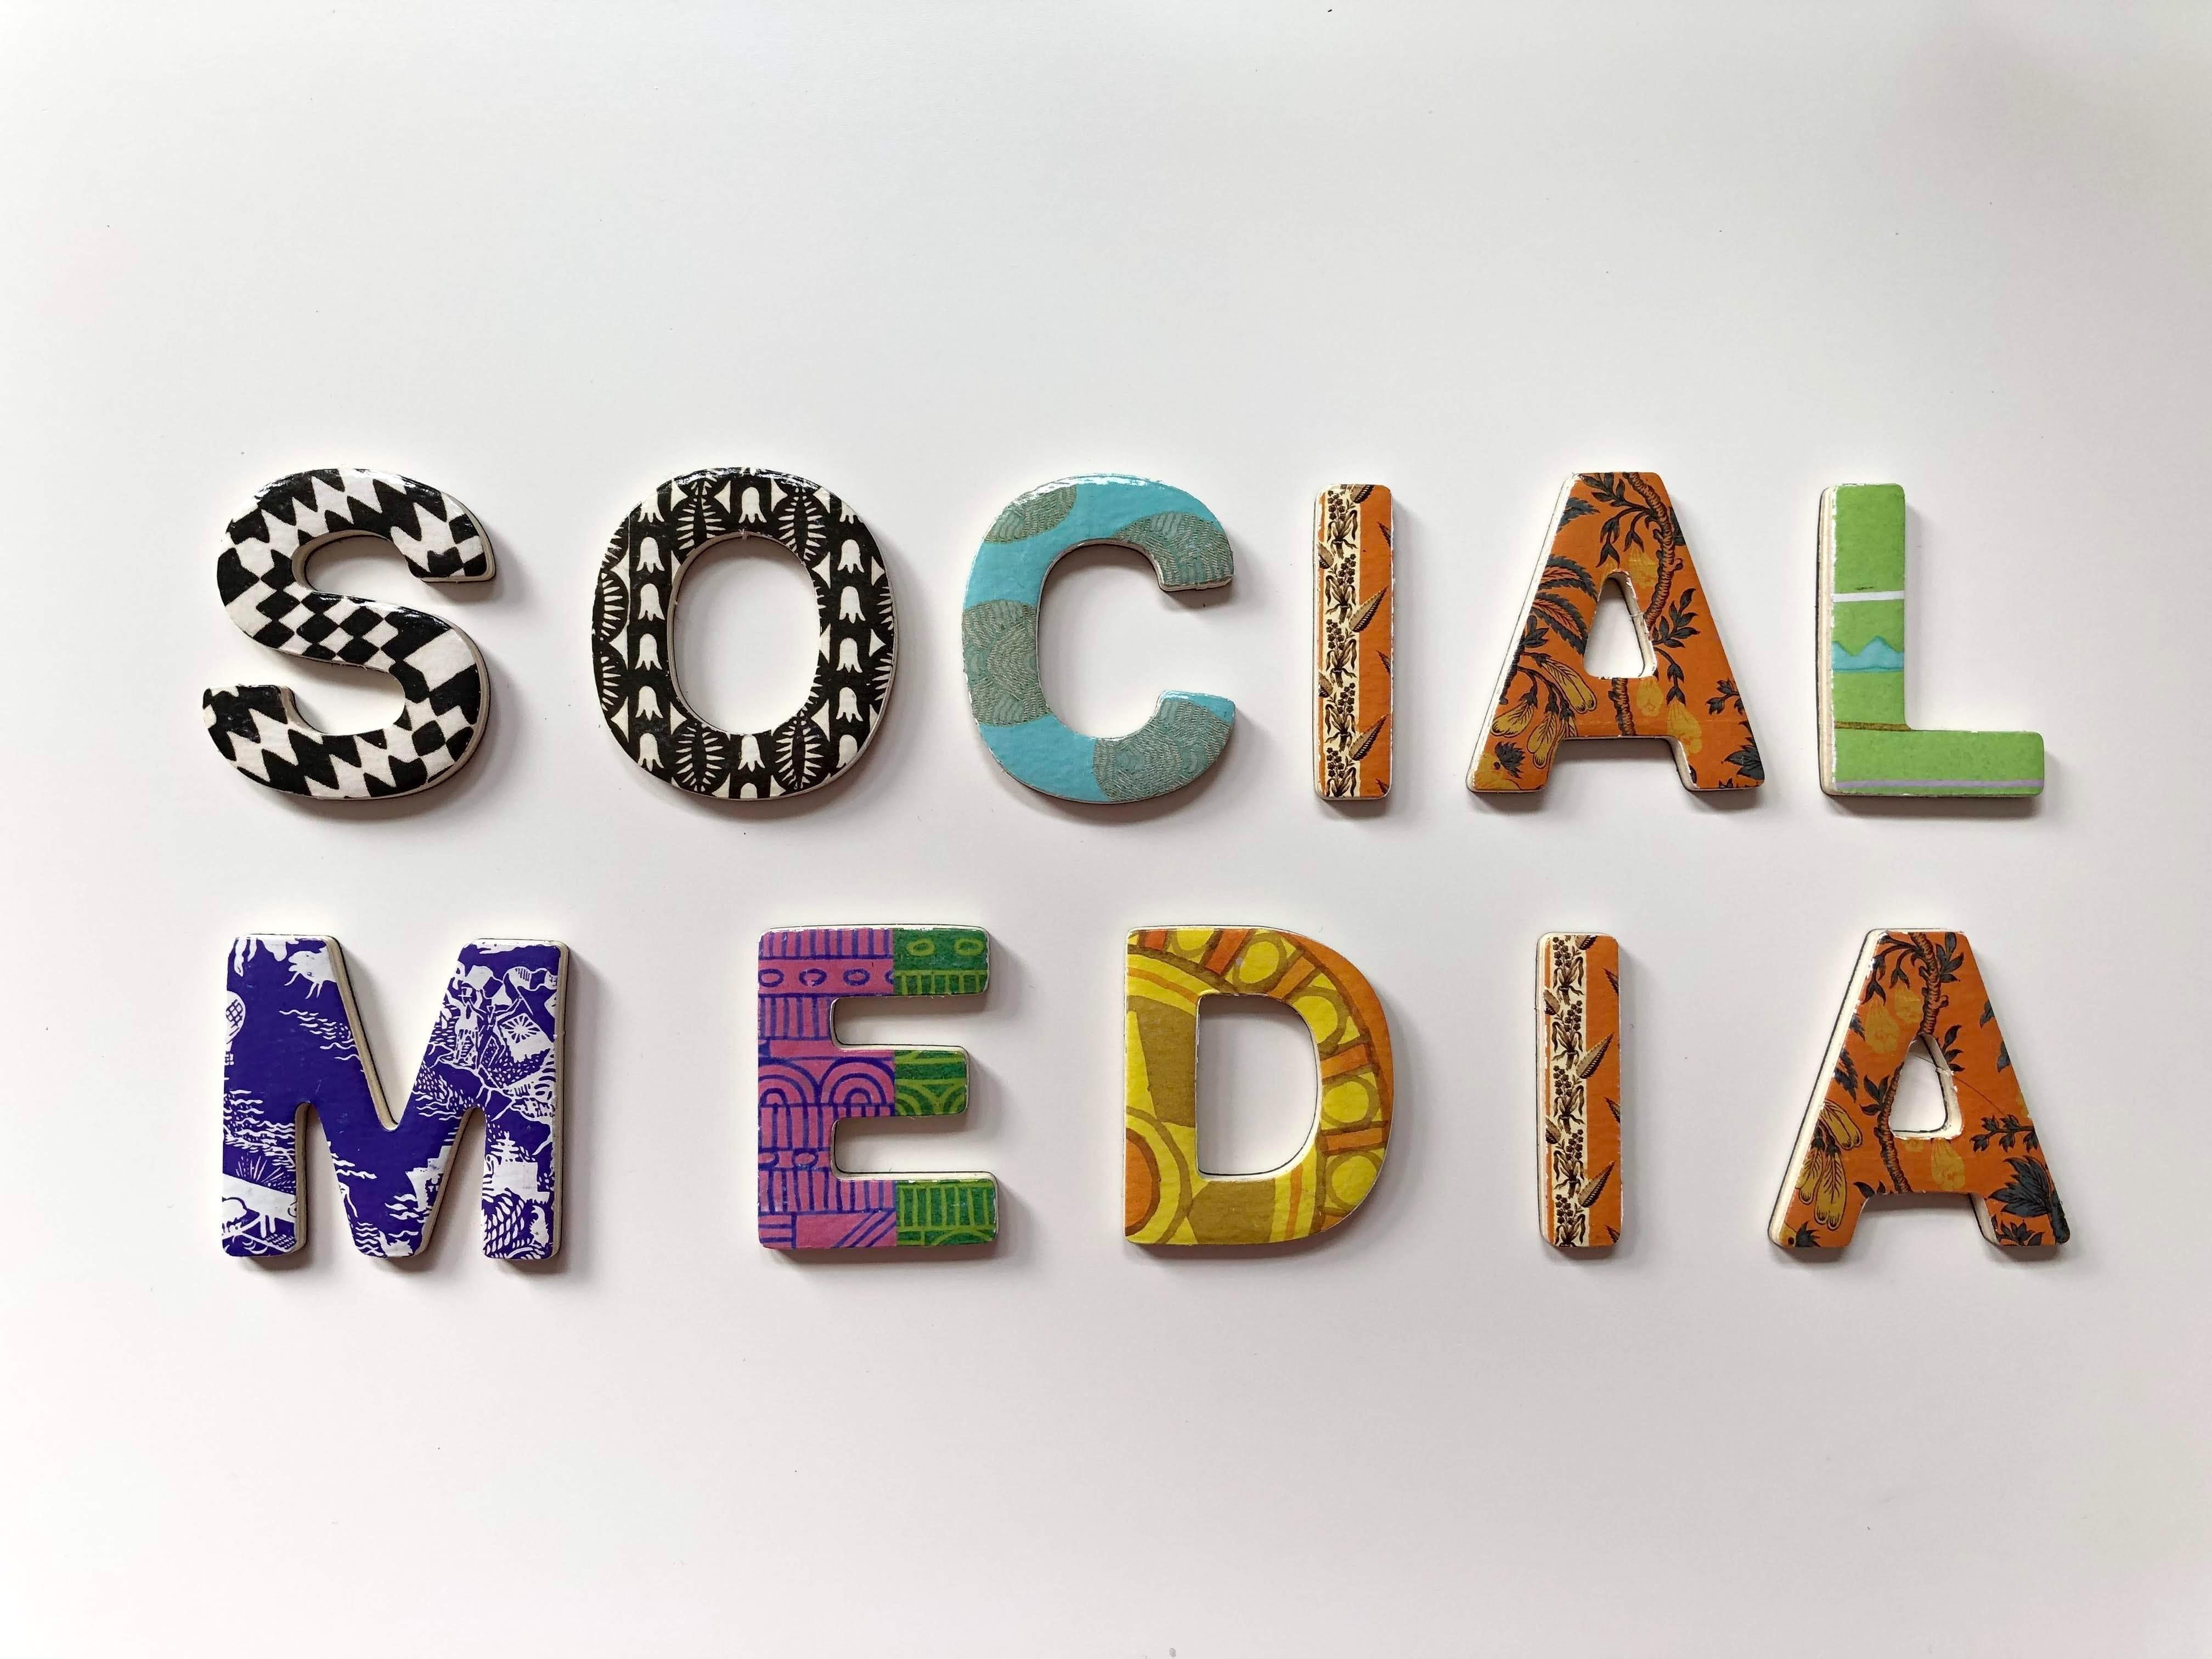 Denver Avarr social media marketing services